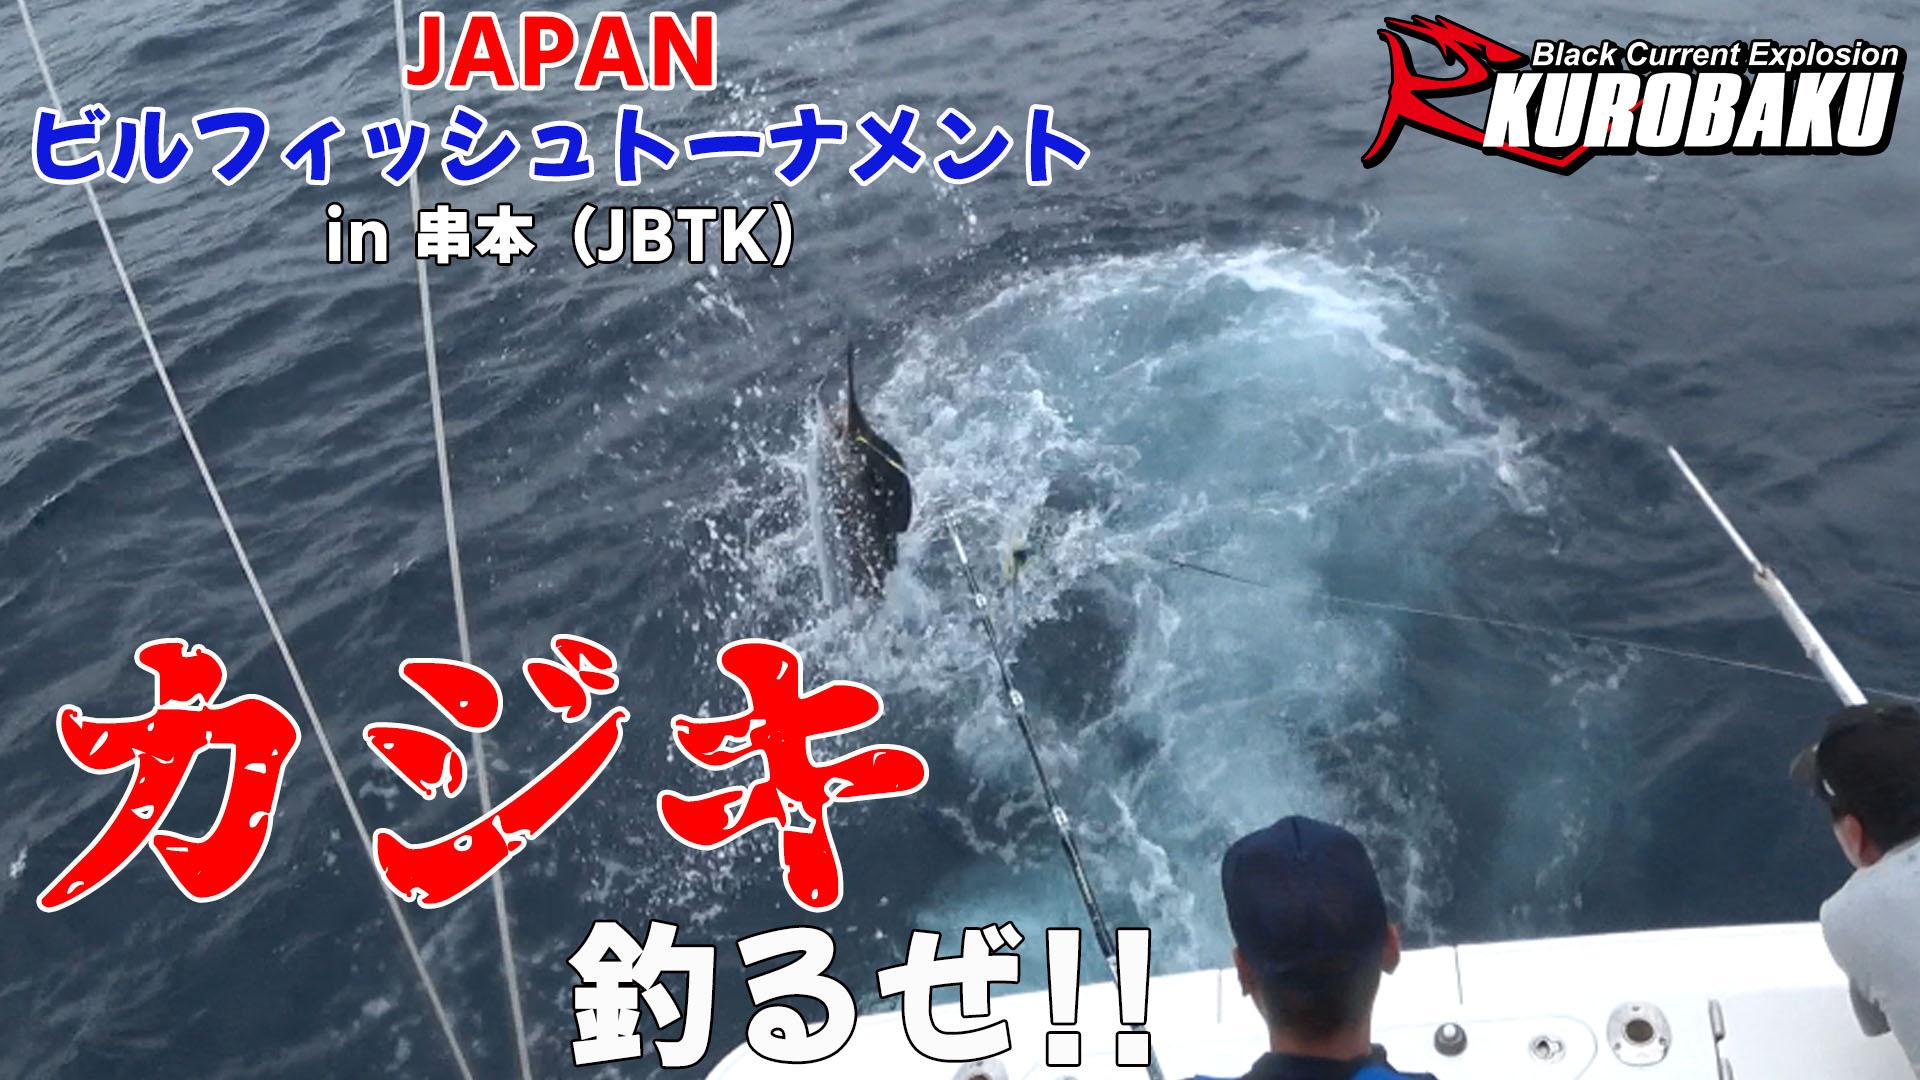 JAPAN ビルフィッシュトーナメント in 串本のサムネイル